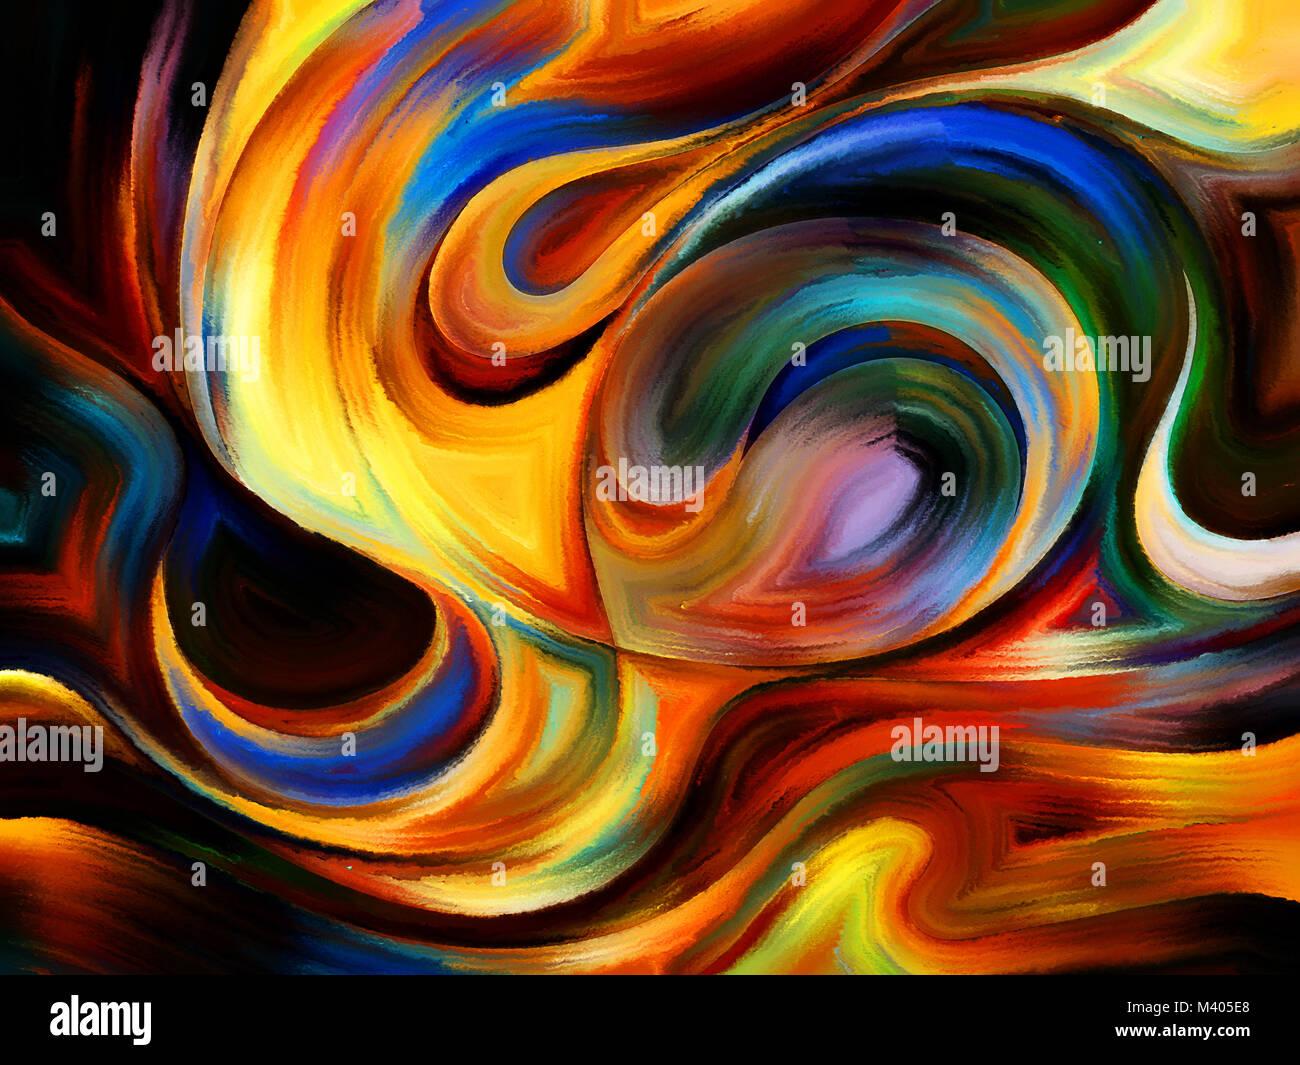 Forces Of Nature Série Contexte Artistique Faite De Formes